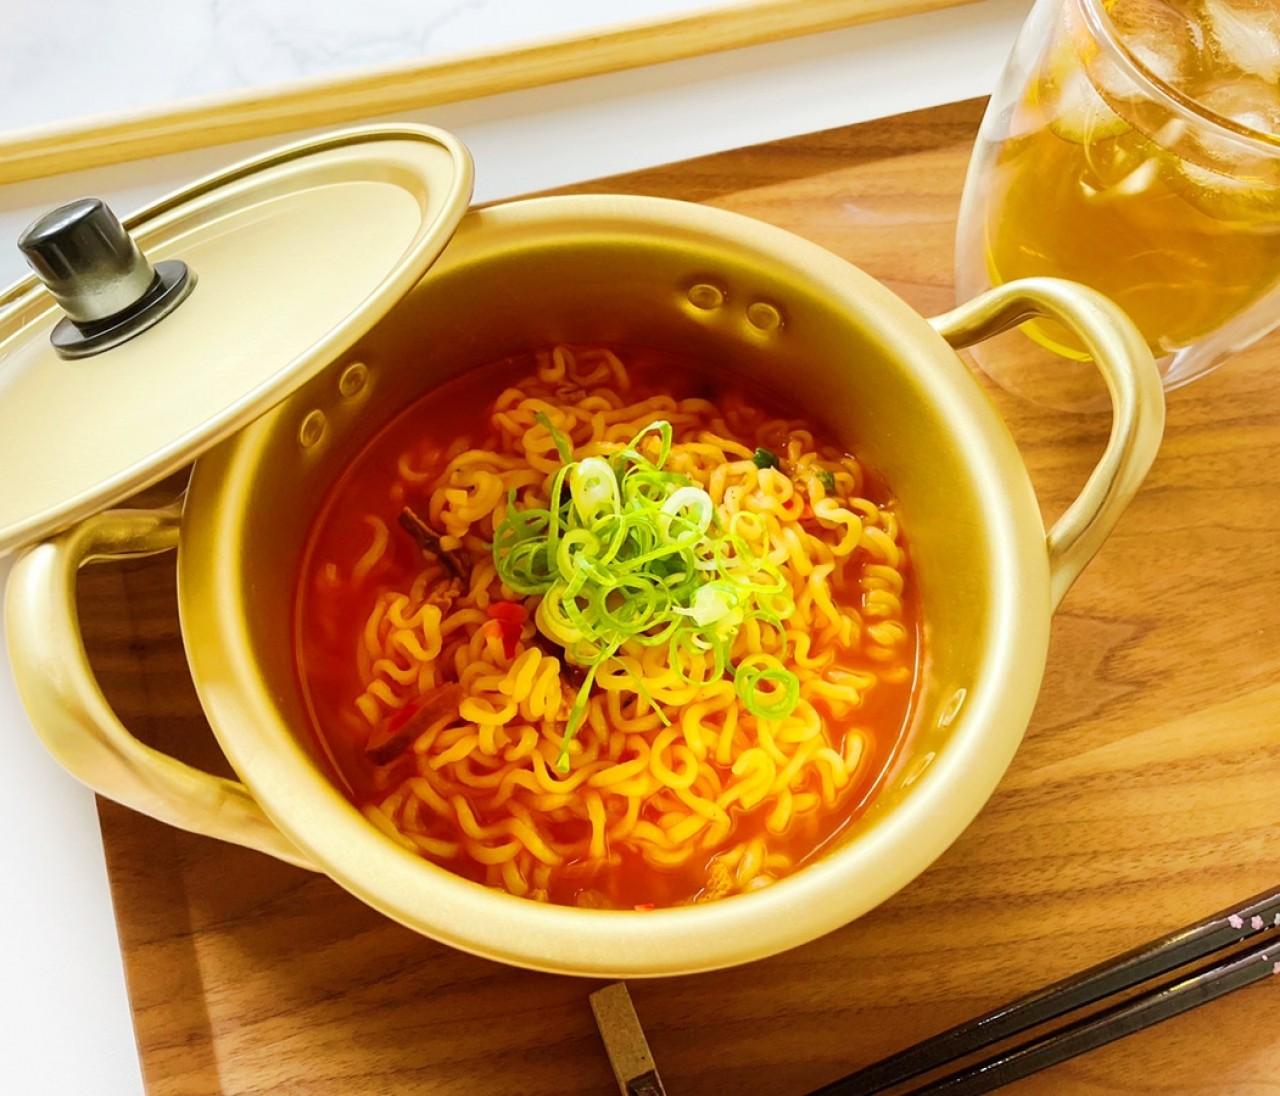 【ダイソー】一人暮らしにベストなアルミ鍋が登場。「韓国ドラマの再現ができる」とSNSで話題!